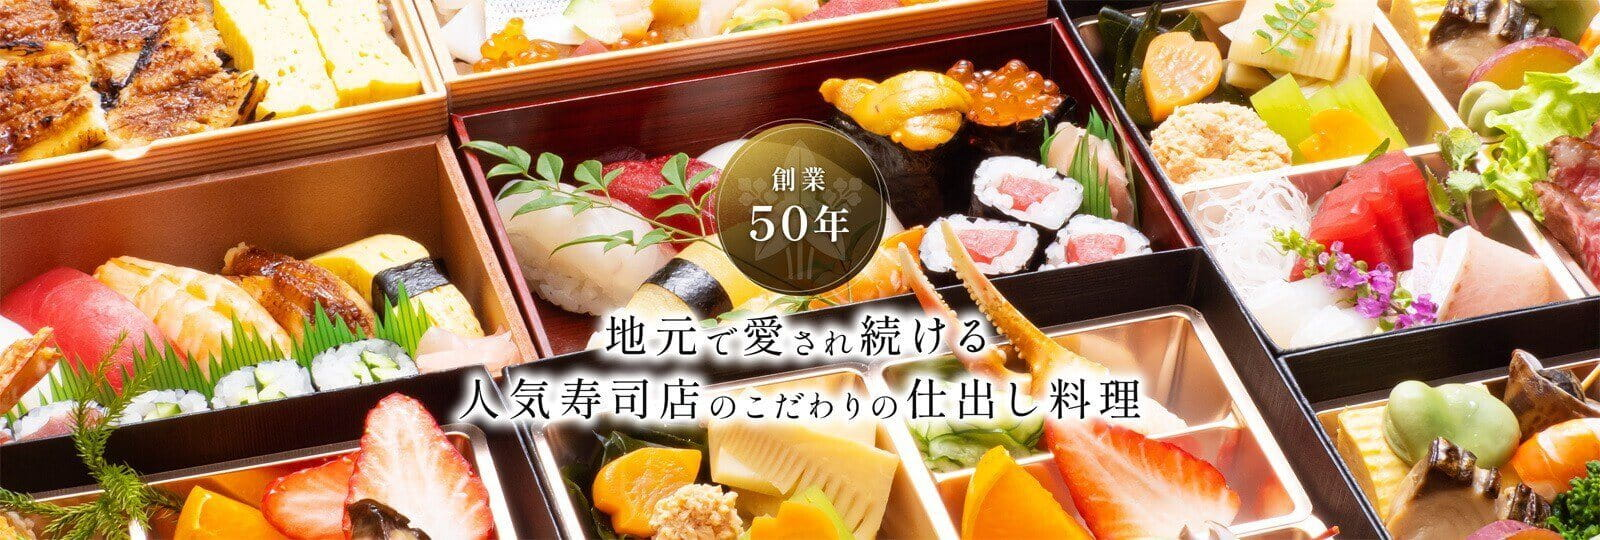 地元で愛され続ける人気寿司店のこだわりの仕出し料理